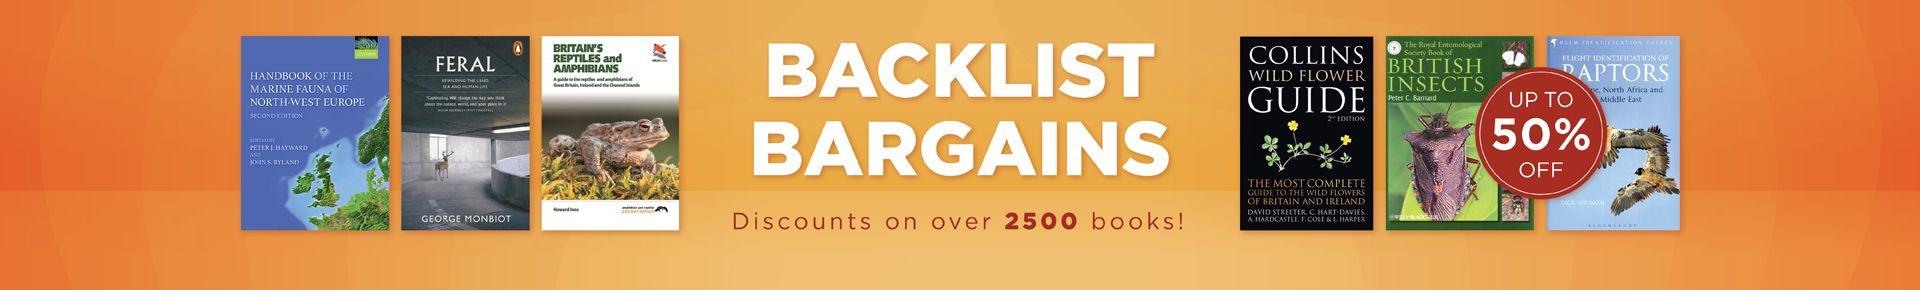 Backlist Bargains